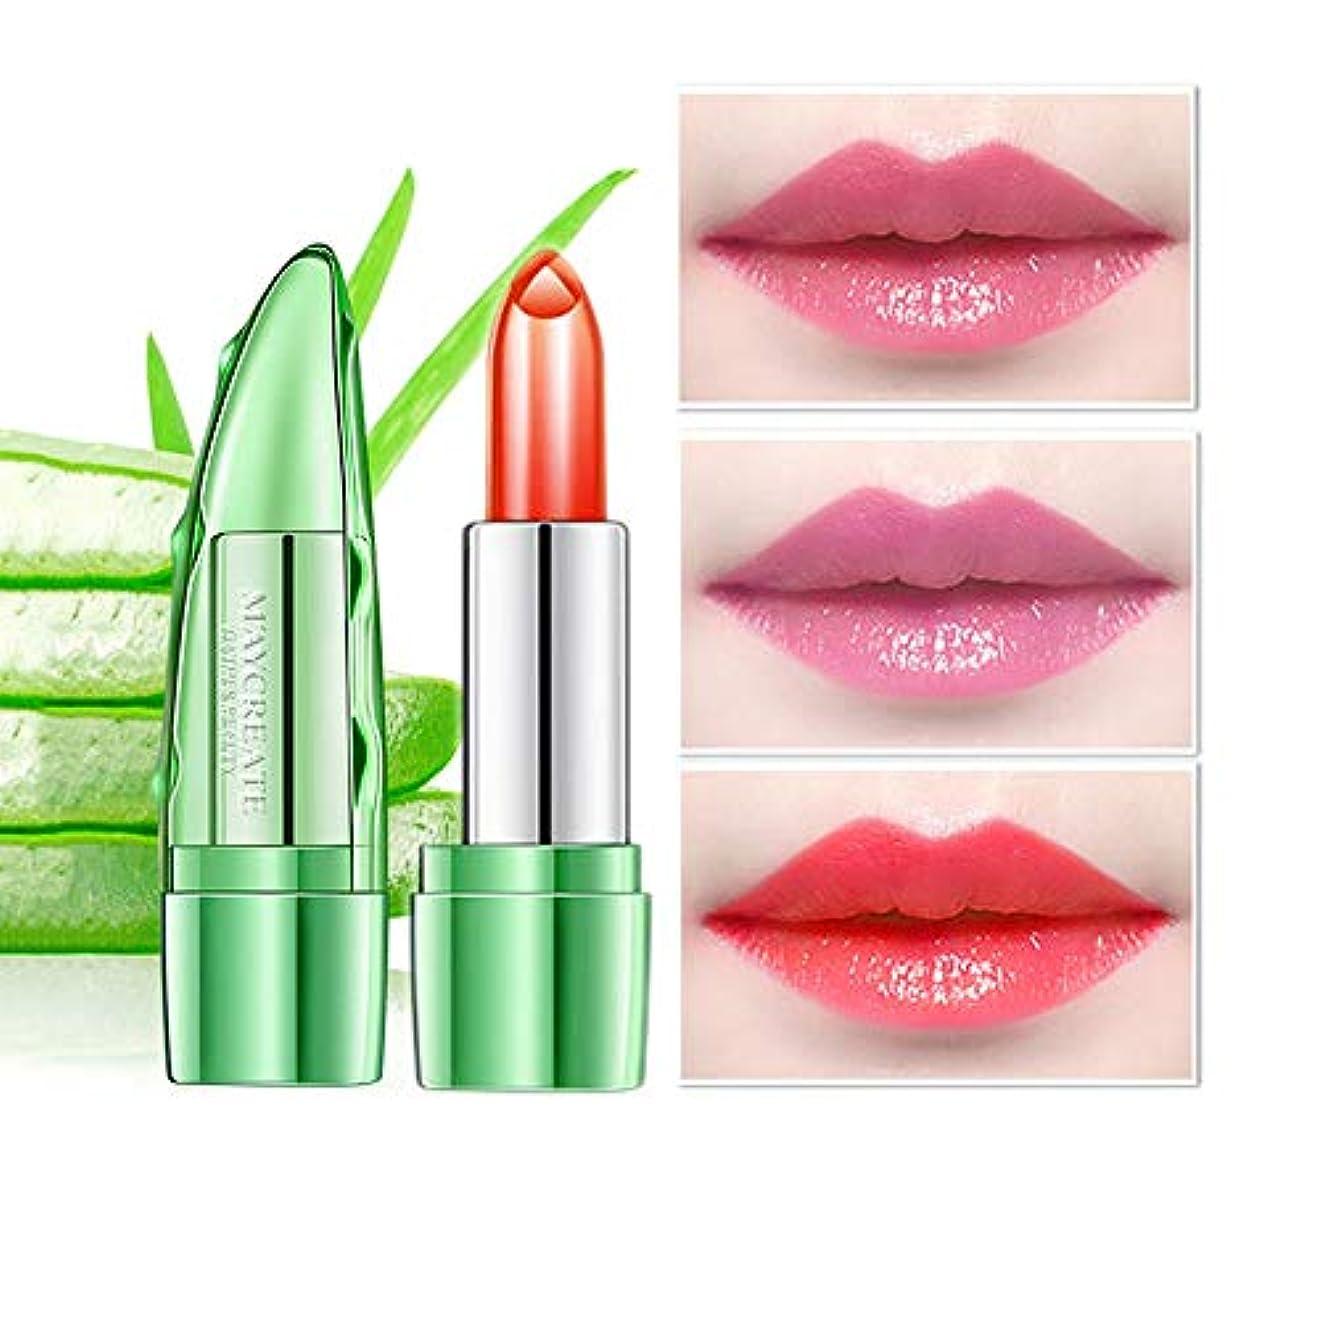 間隔言い換えると予見する1ピースアロエゼリーカラー変更温度口紅、長続きがする保湿唇ケア変色口紅リップペンシルリップグロス (3)